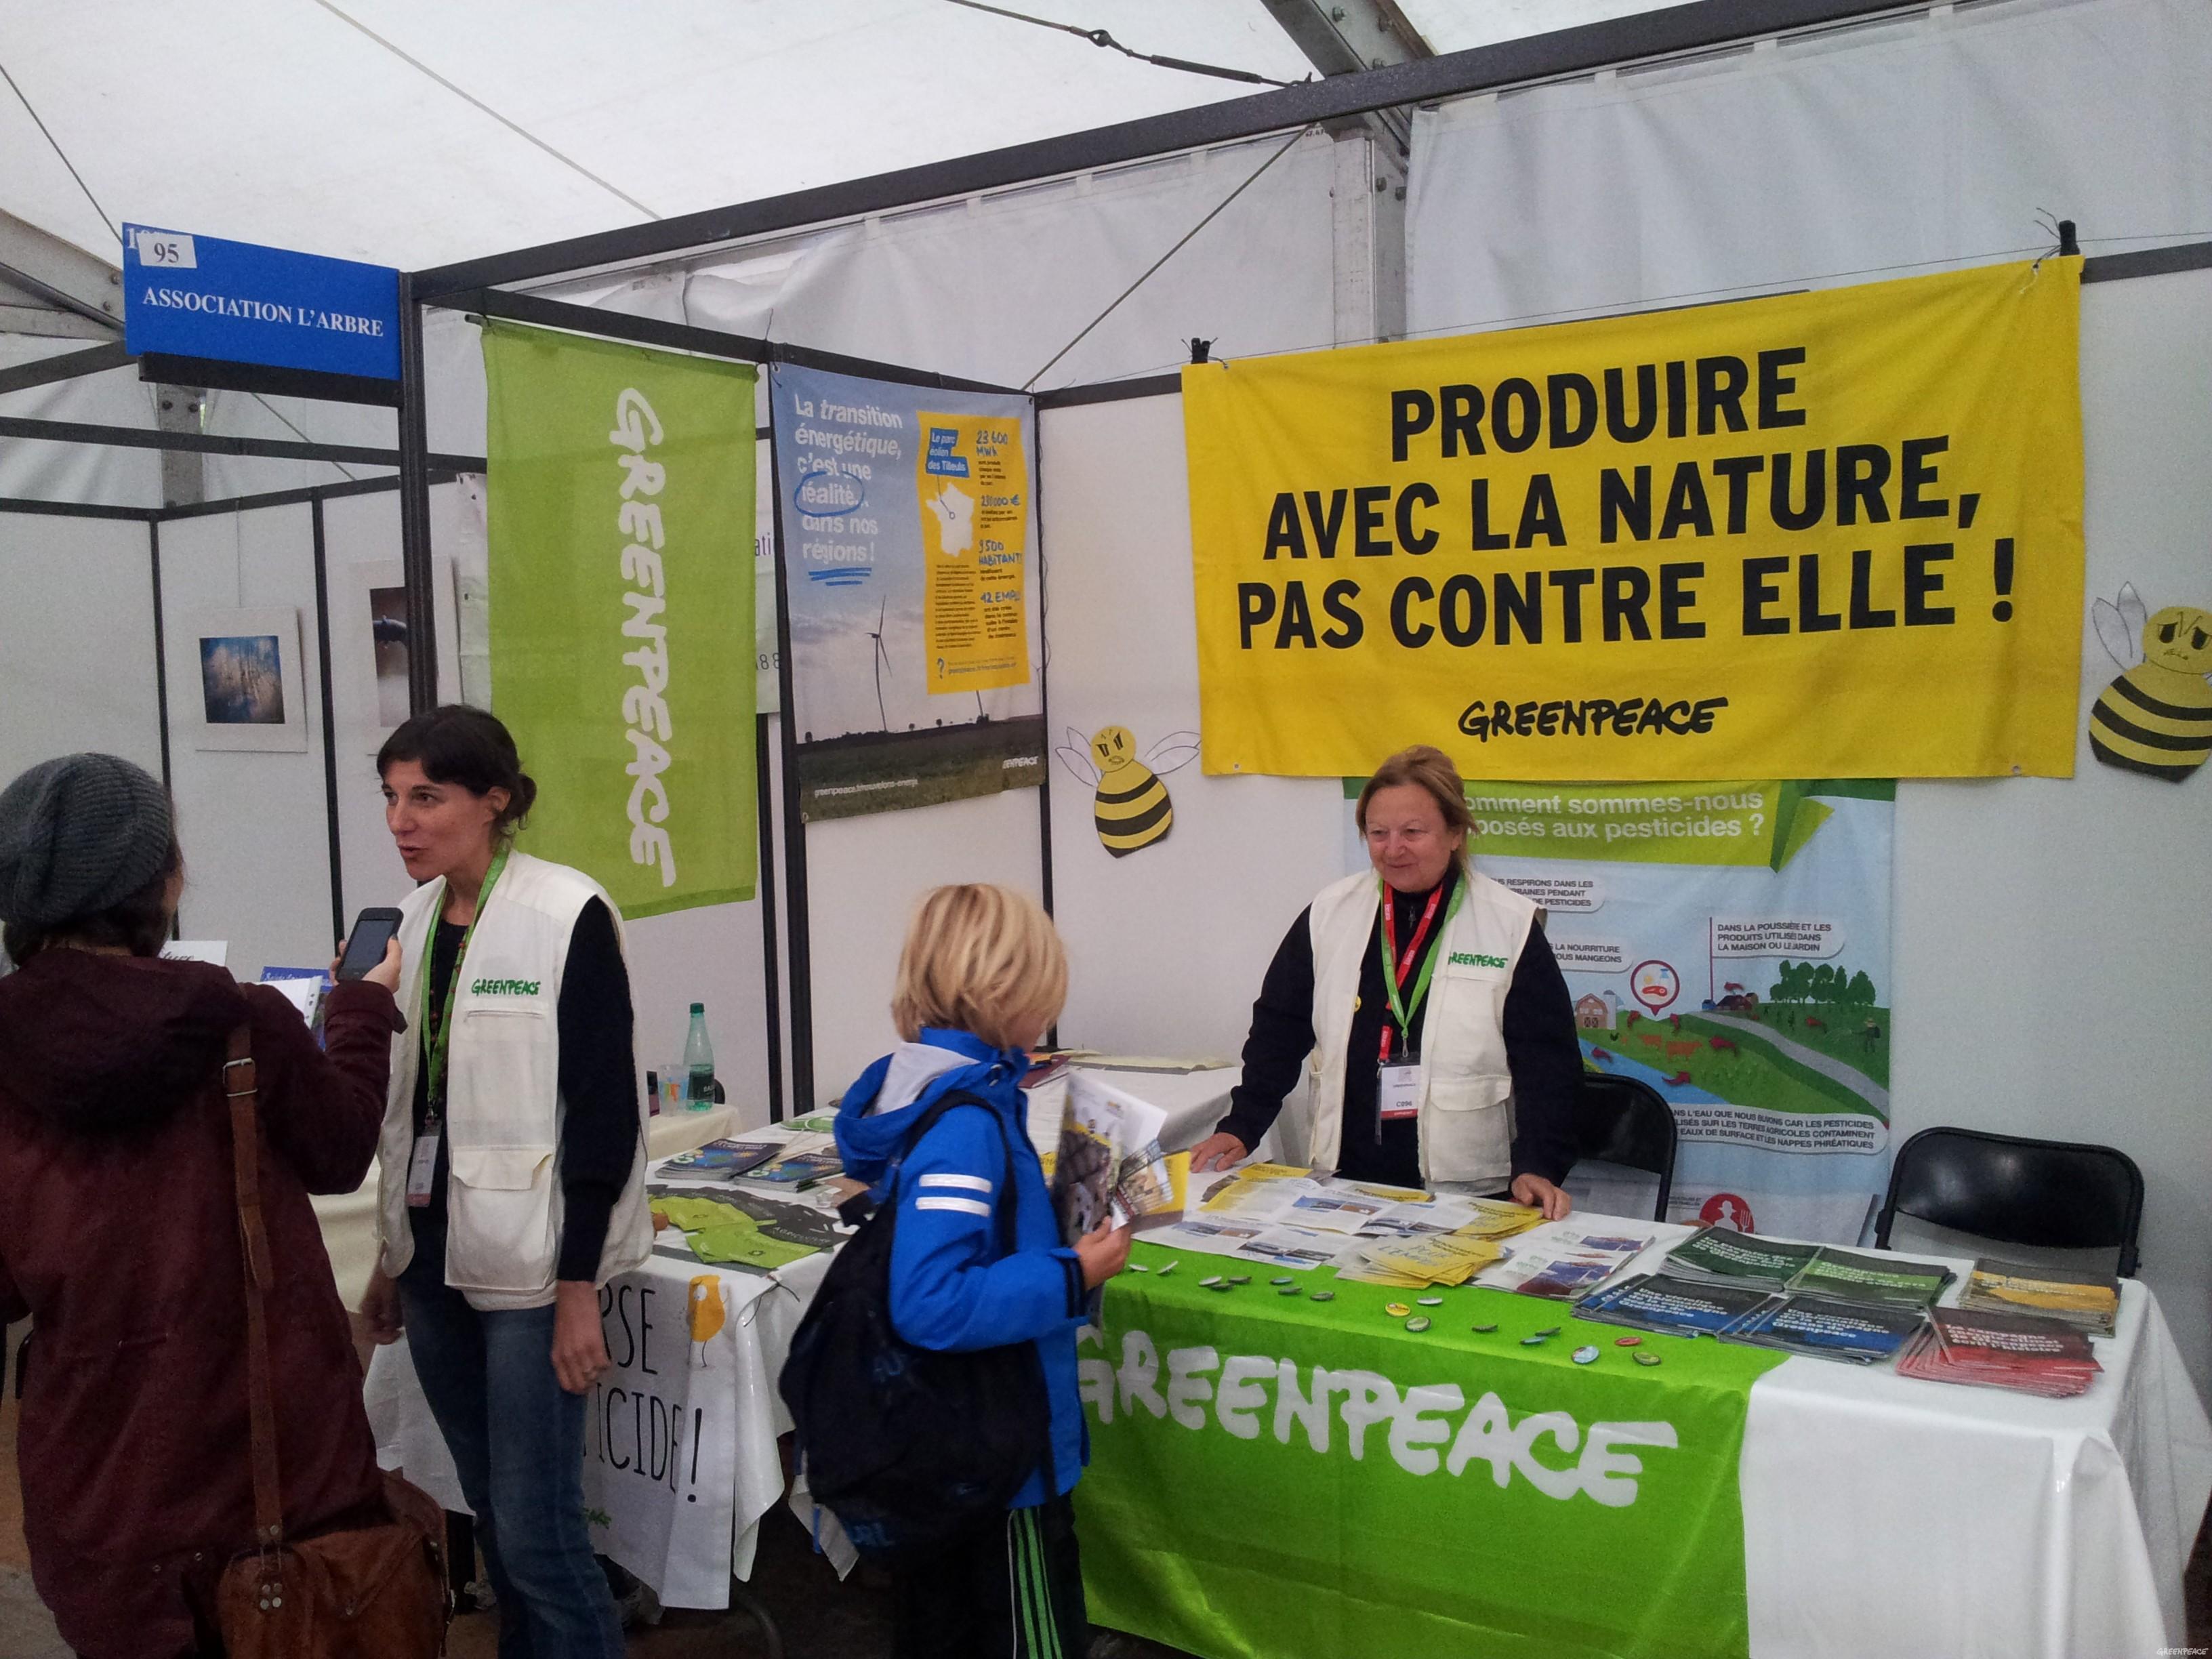 Greenpeace au festival du livre de mouans sartoux greenpeace france - Salon du livre mouans sartoux ...